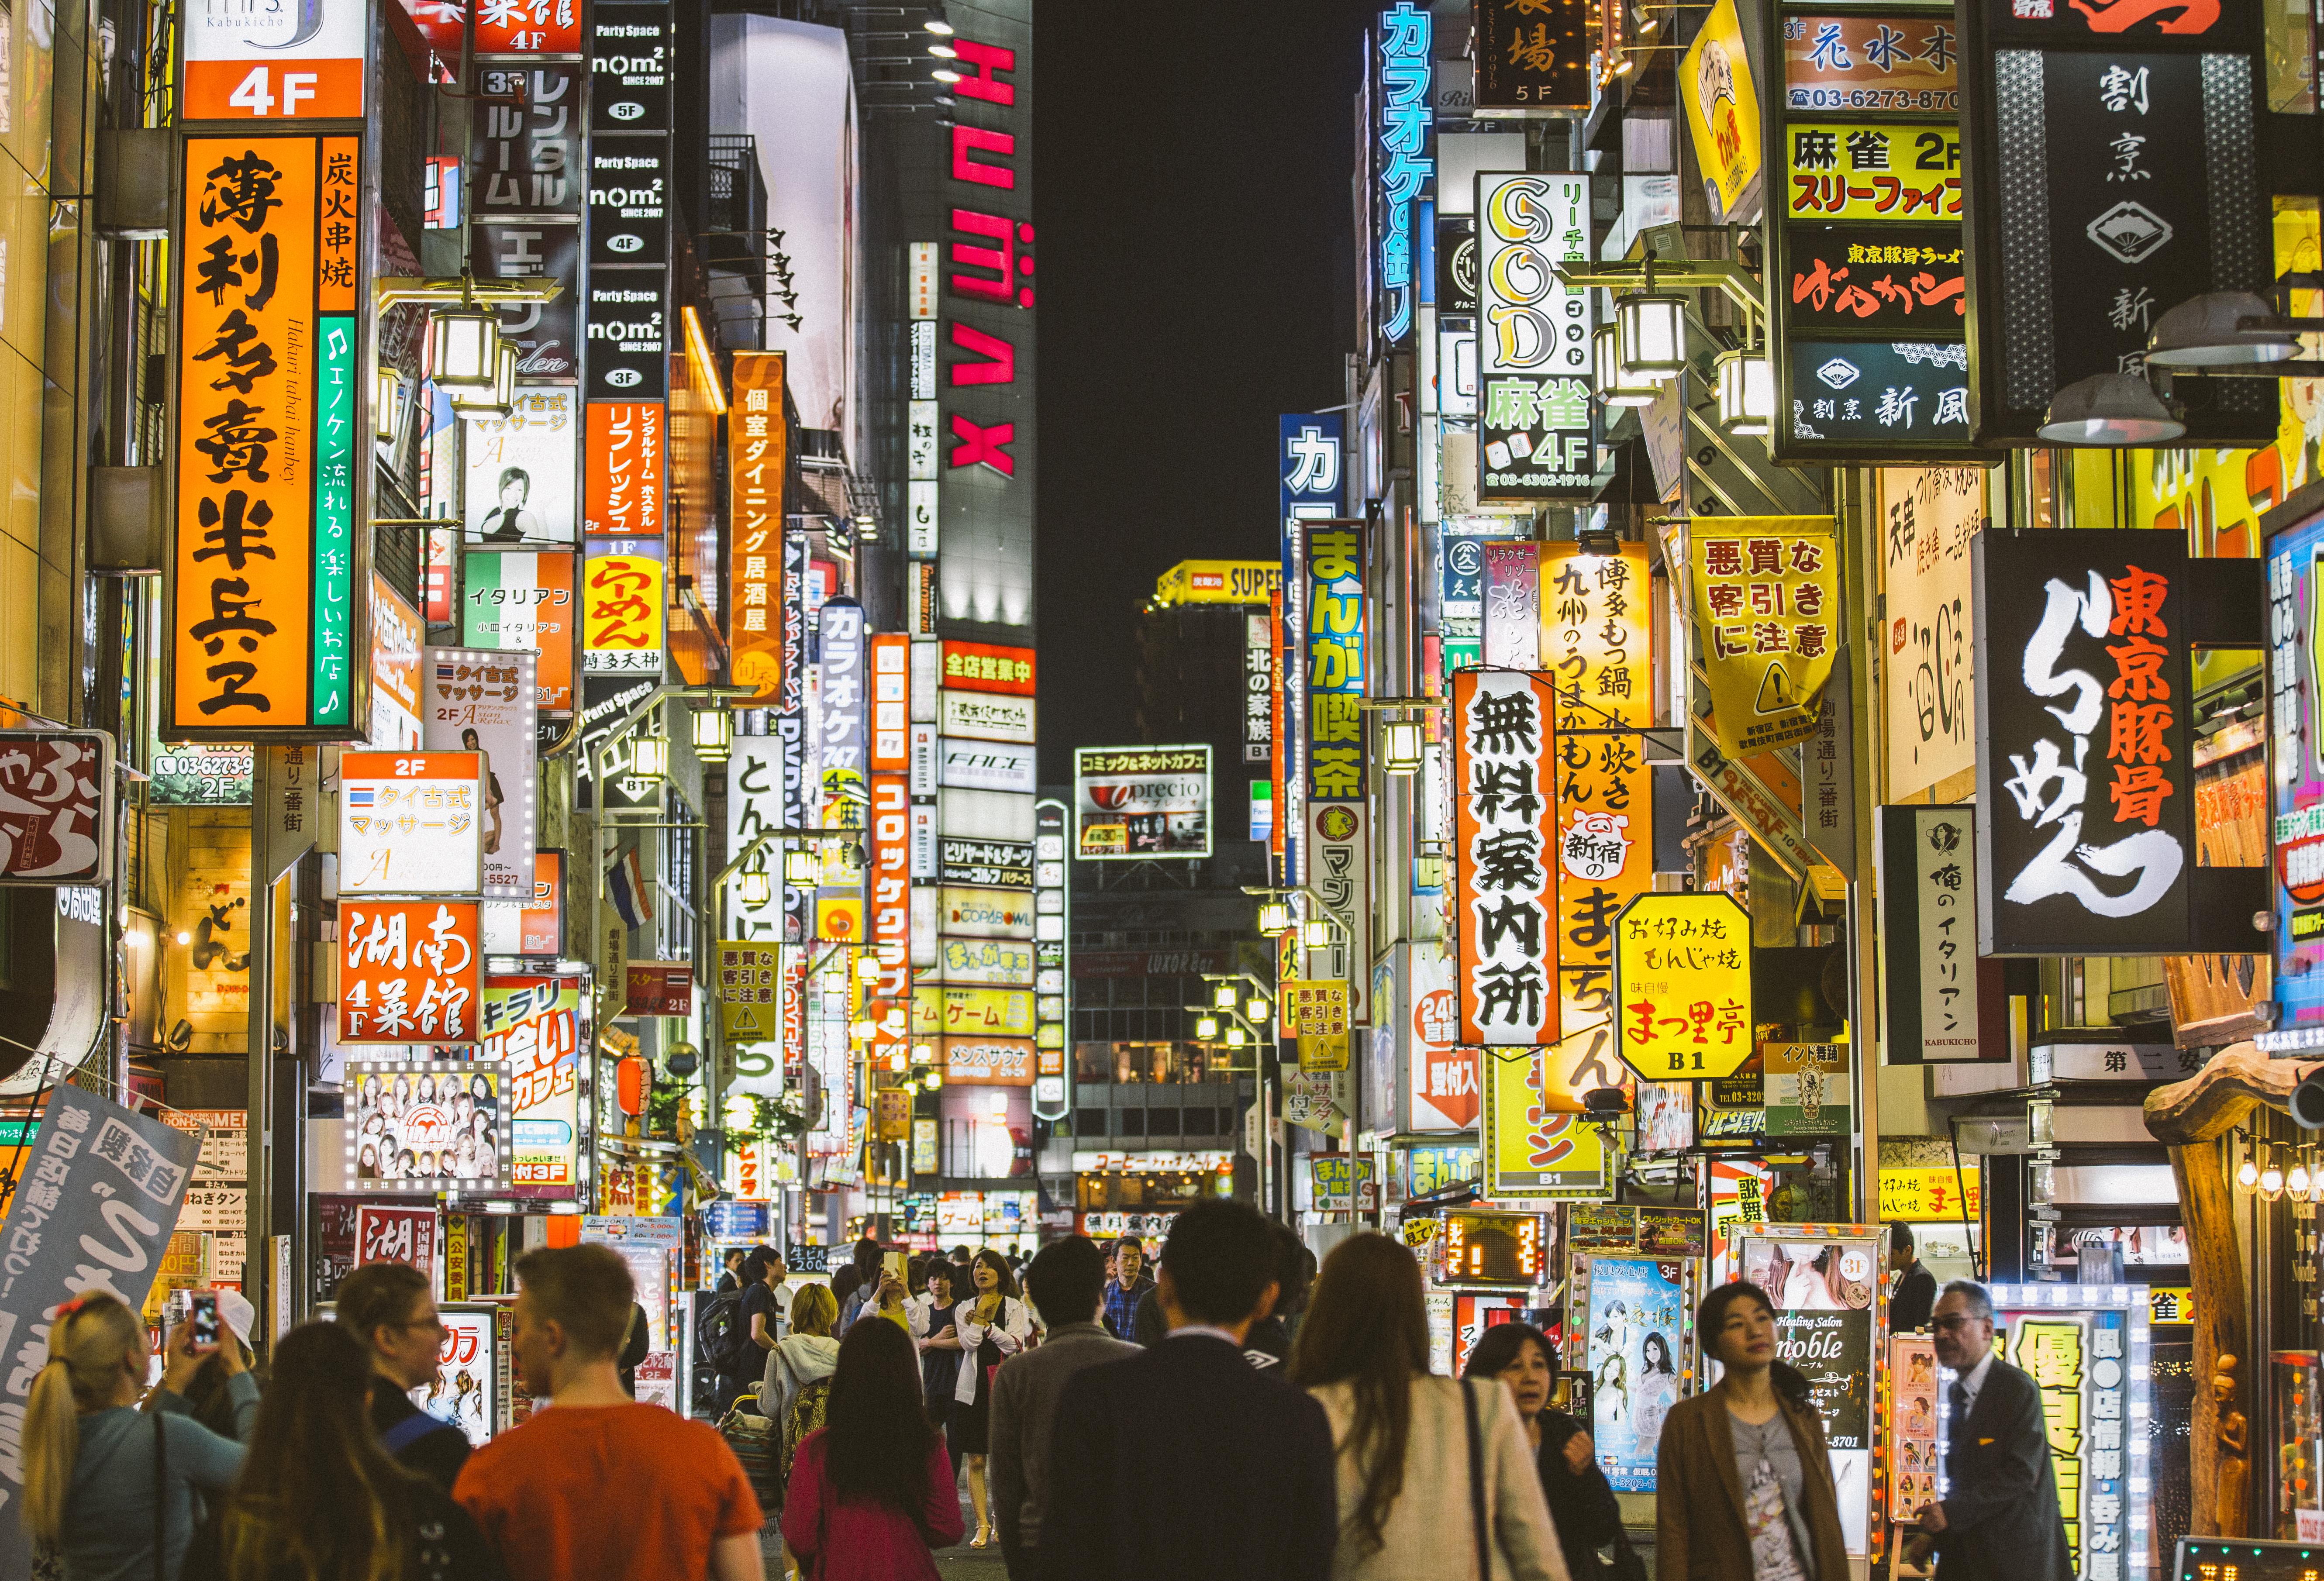 People walking among neon sign in Shinjuku, Tokyo